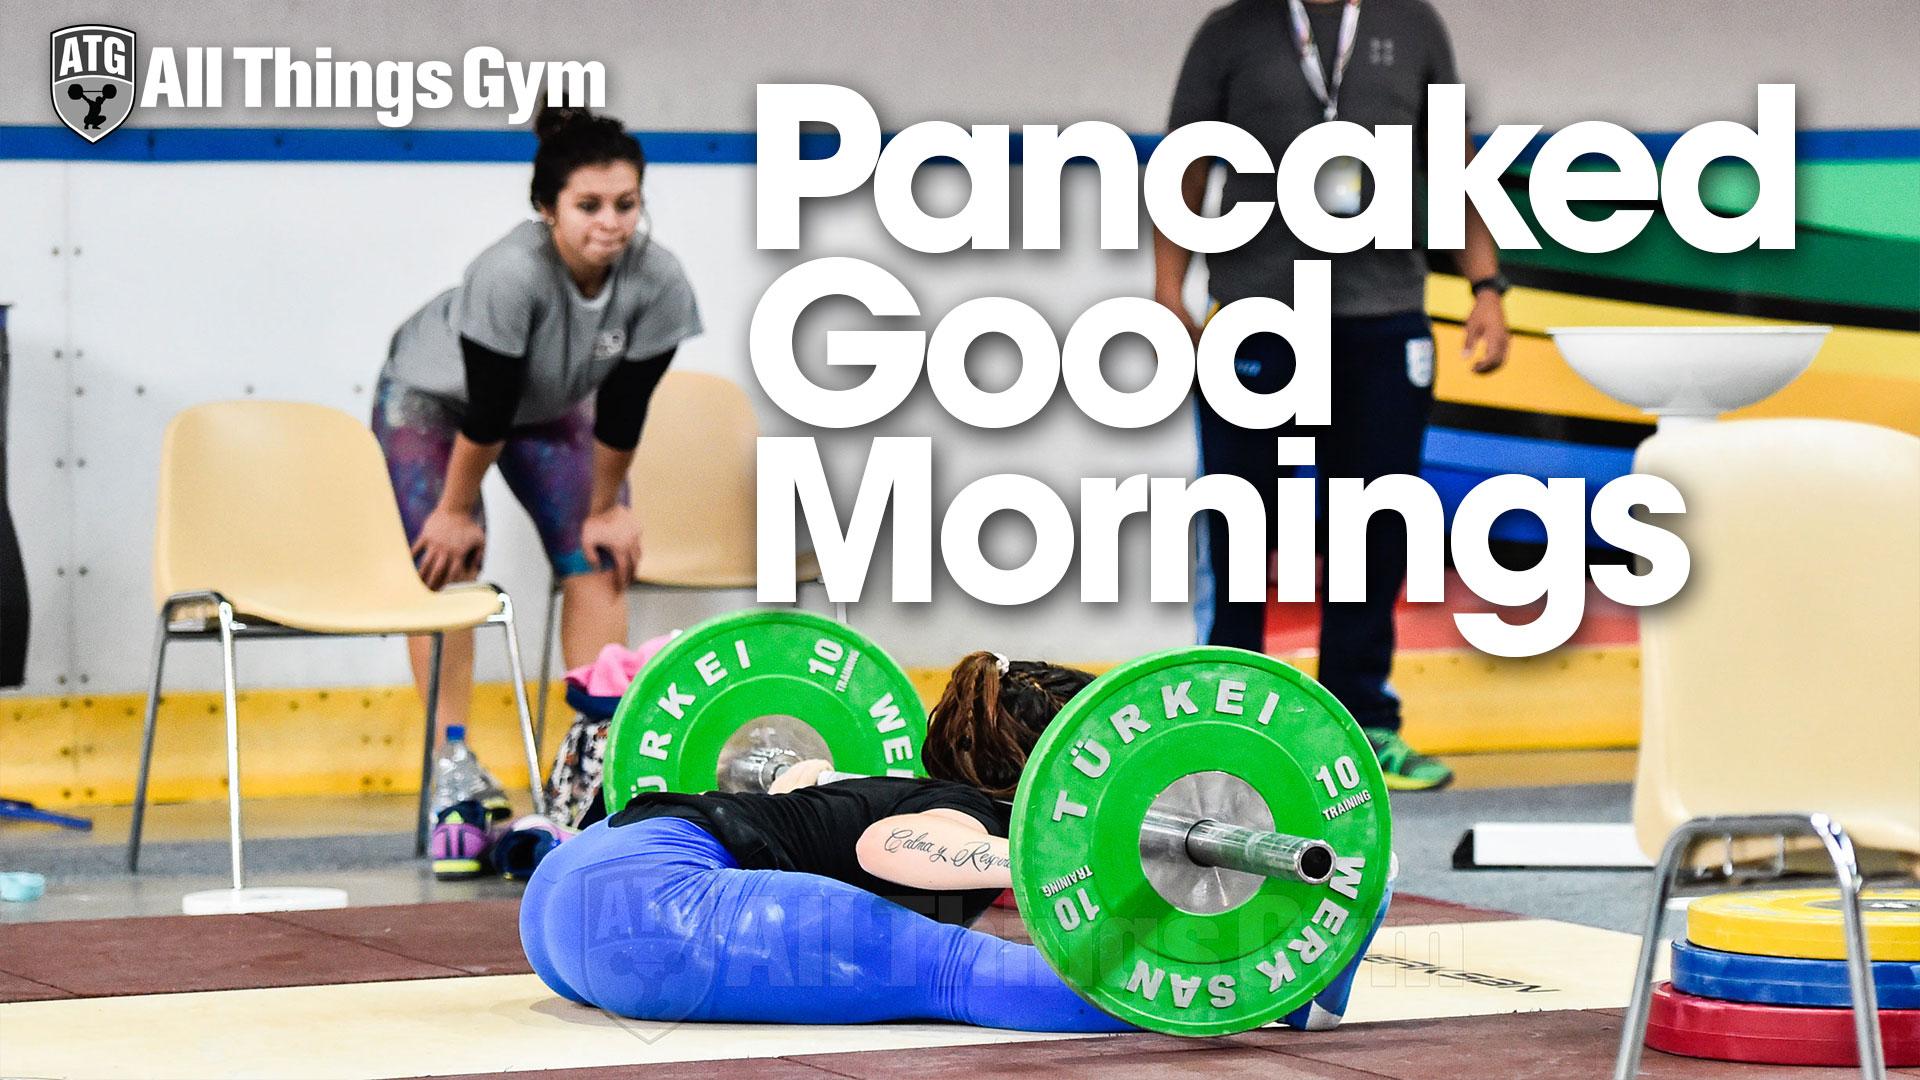 Good Morning Gym : Pancake good mornings all things gym